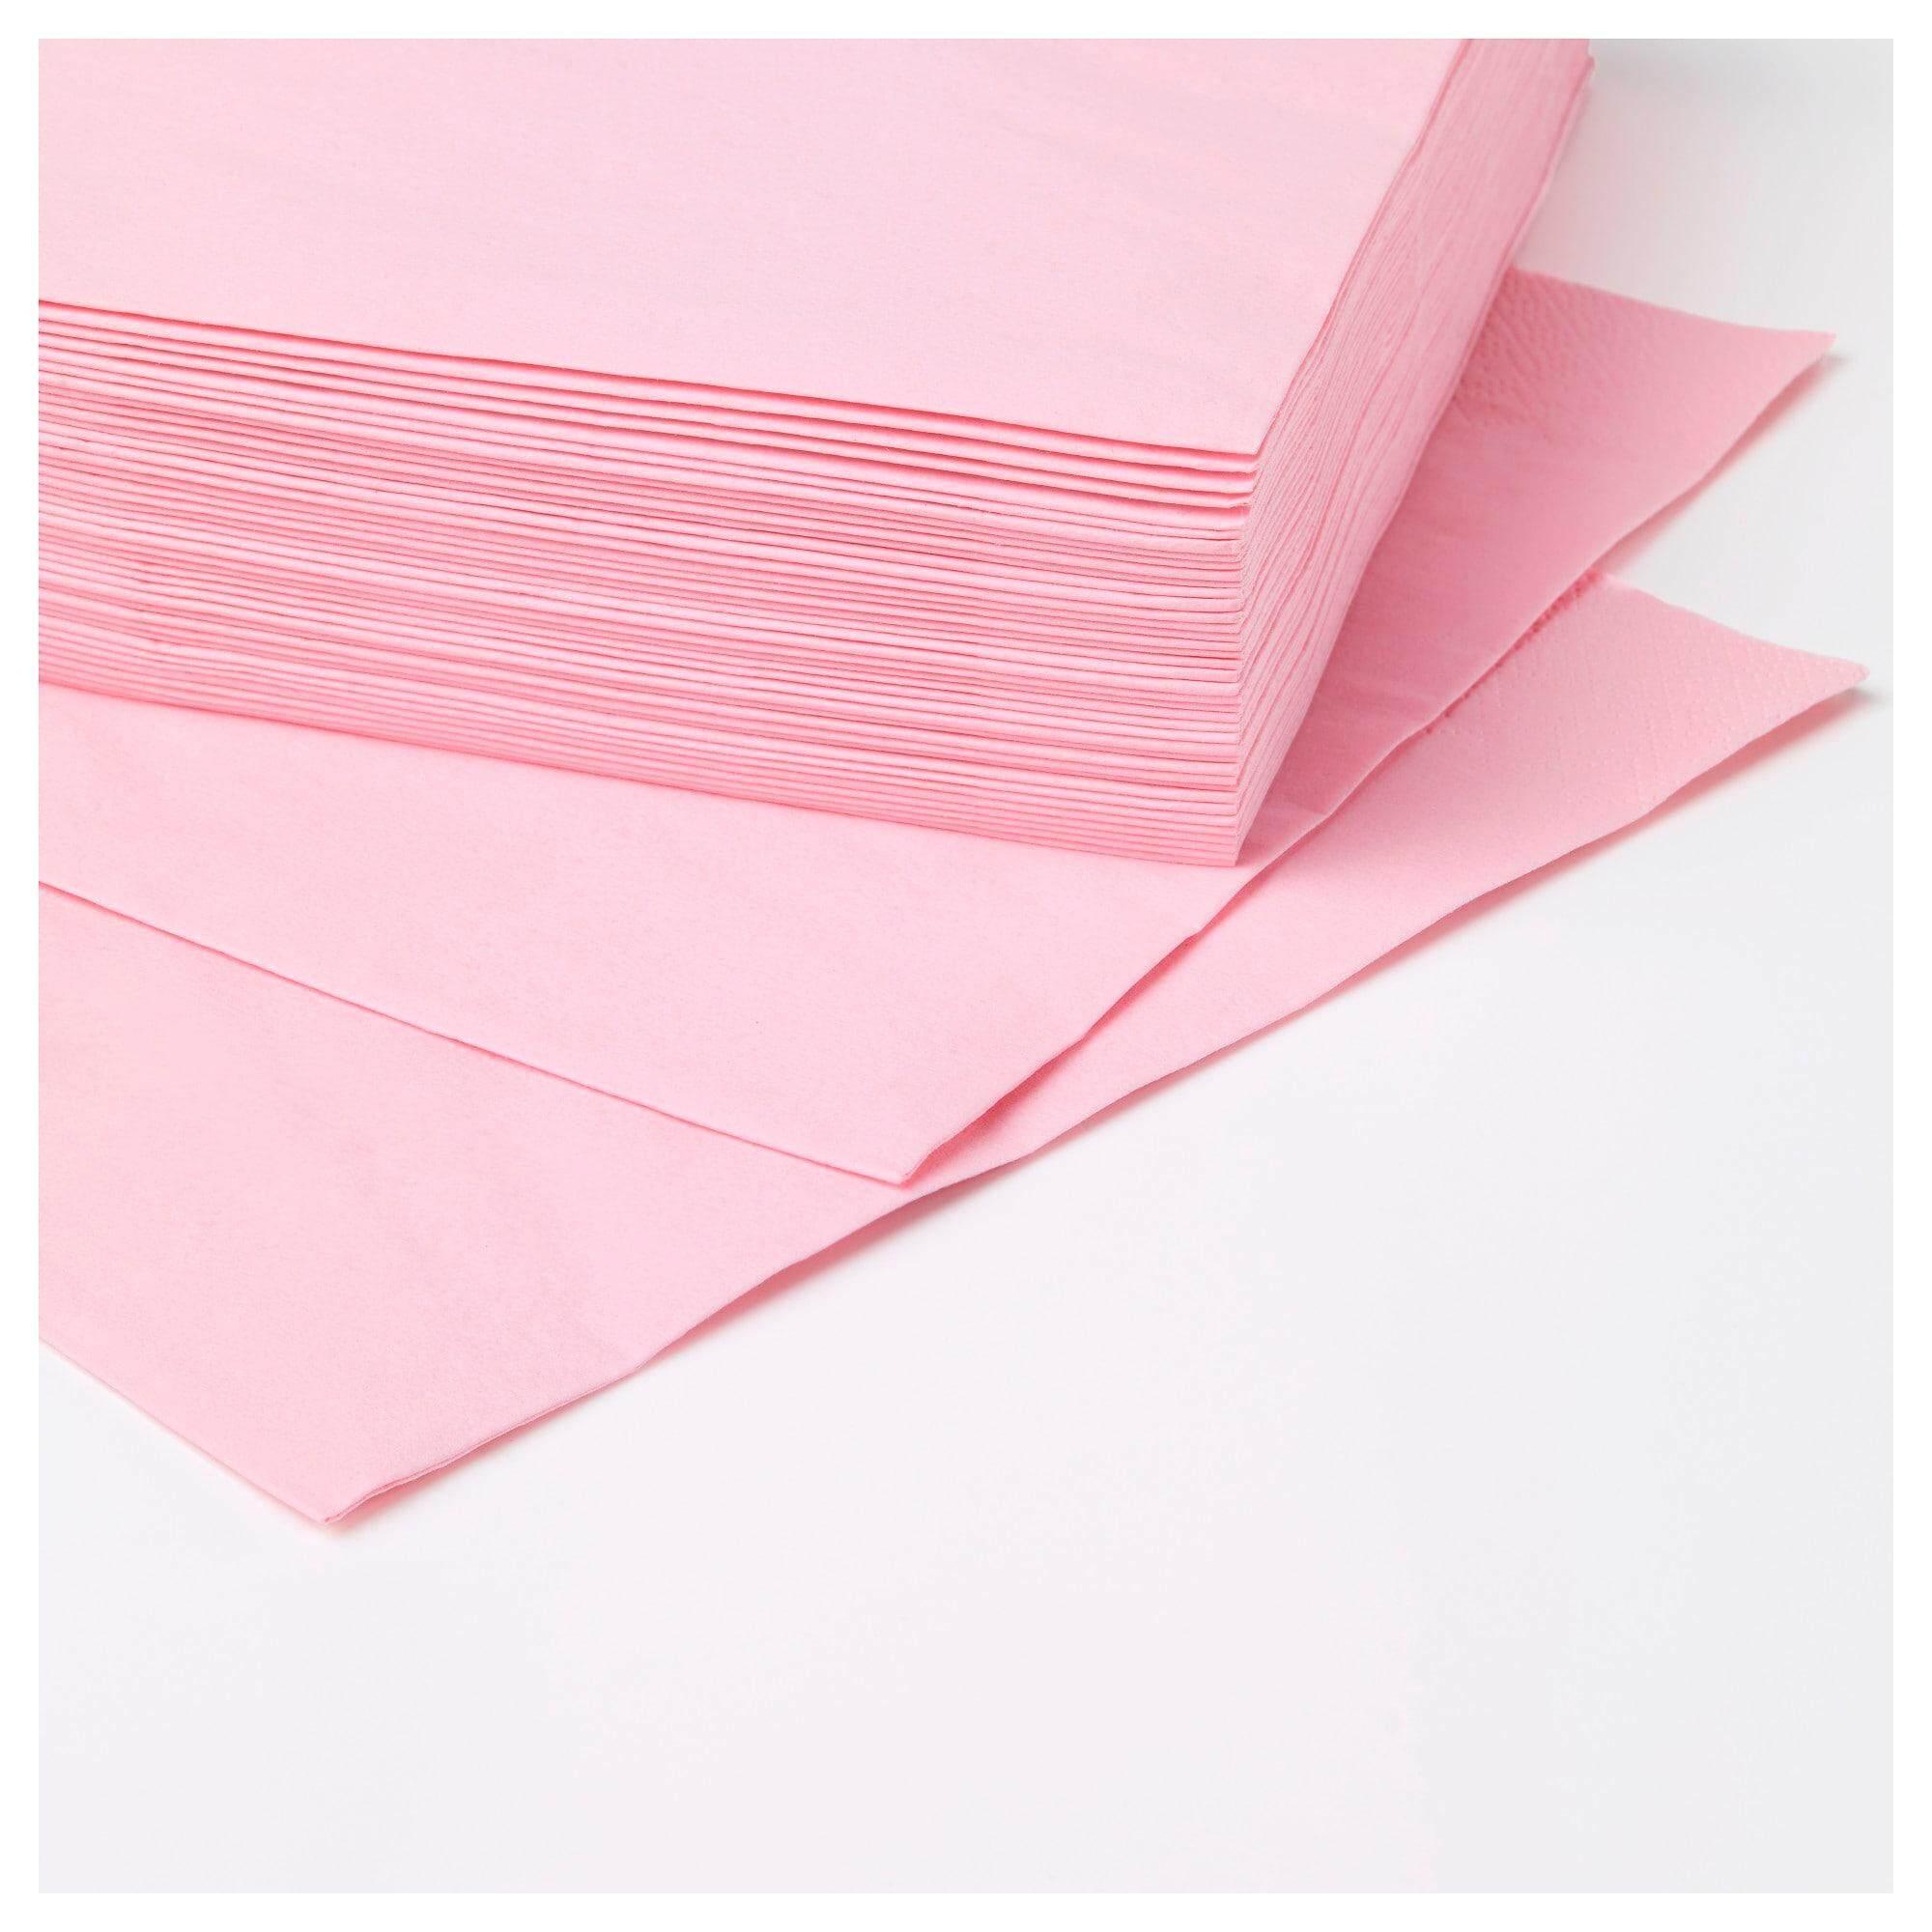 ราคาพิเศษ Fantastisk ฟันทัสติสค์ กระดาษเช็ดปาก ชมพูอ่อน กระดาษเช็ดปากหนา 3 ชั้น จาก Ikea By Spa Land.